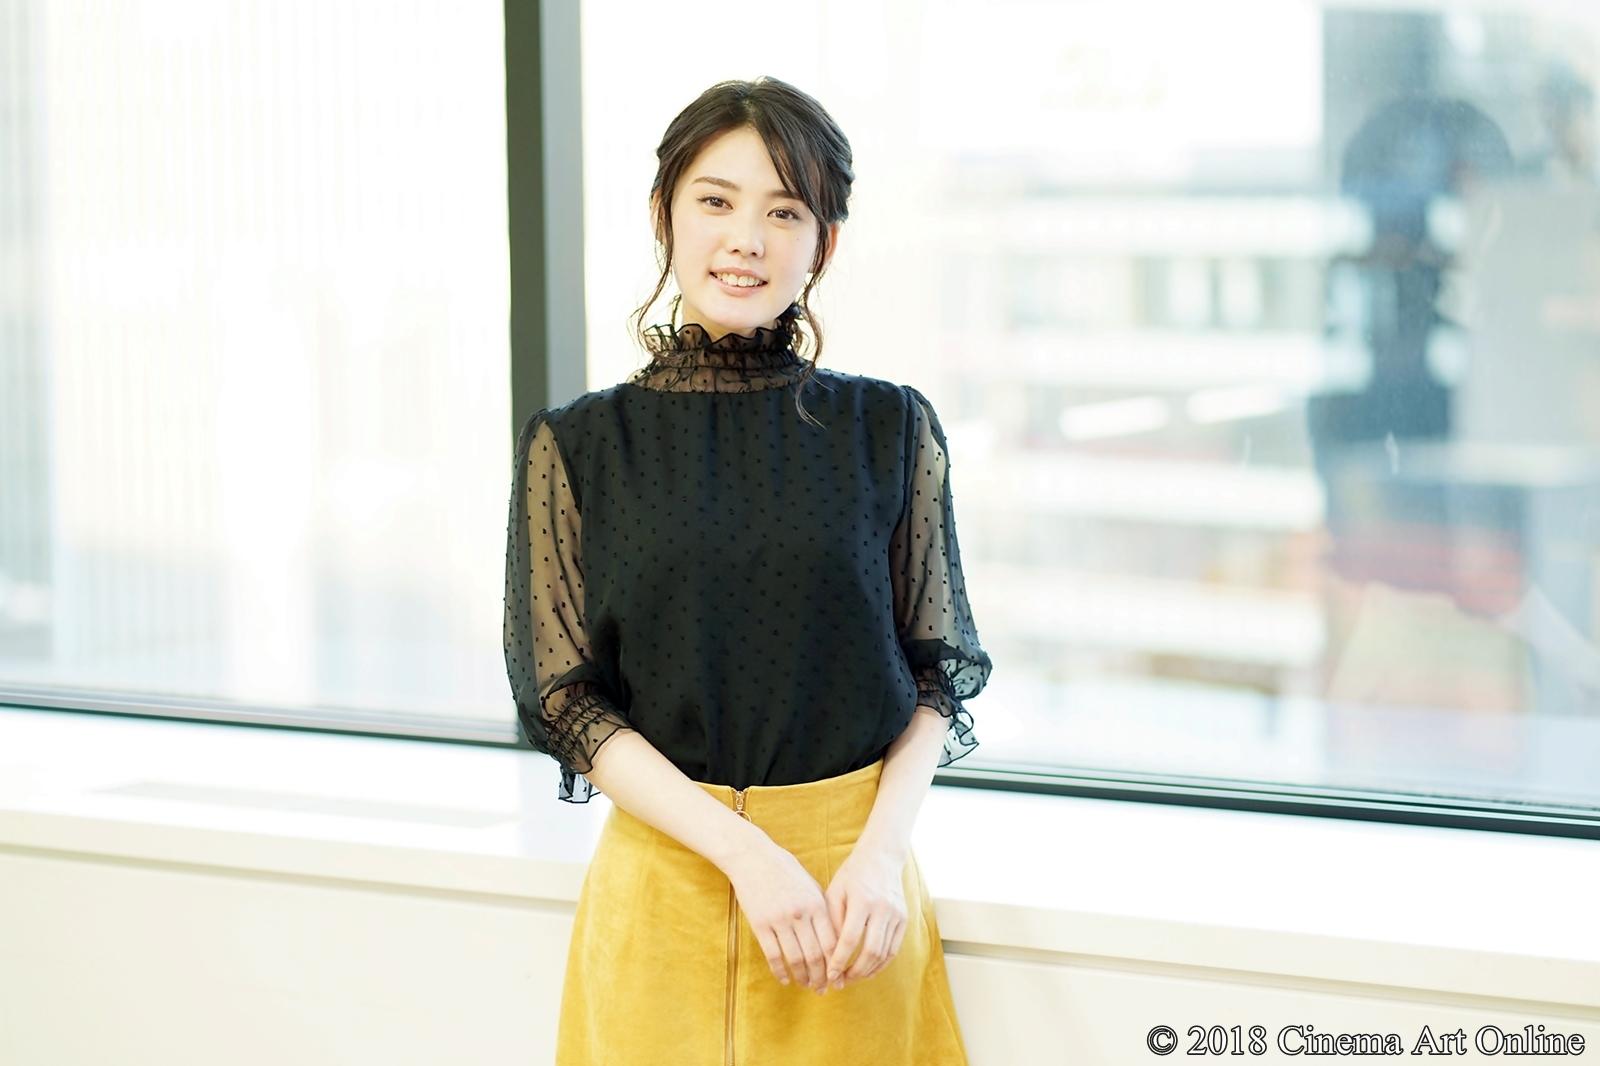 【写真】映画『ペンギン・ハイウェイ』主演・北香那インタビュー